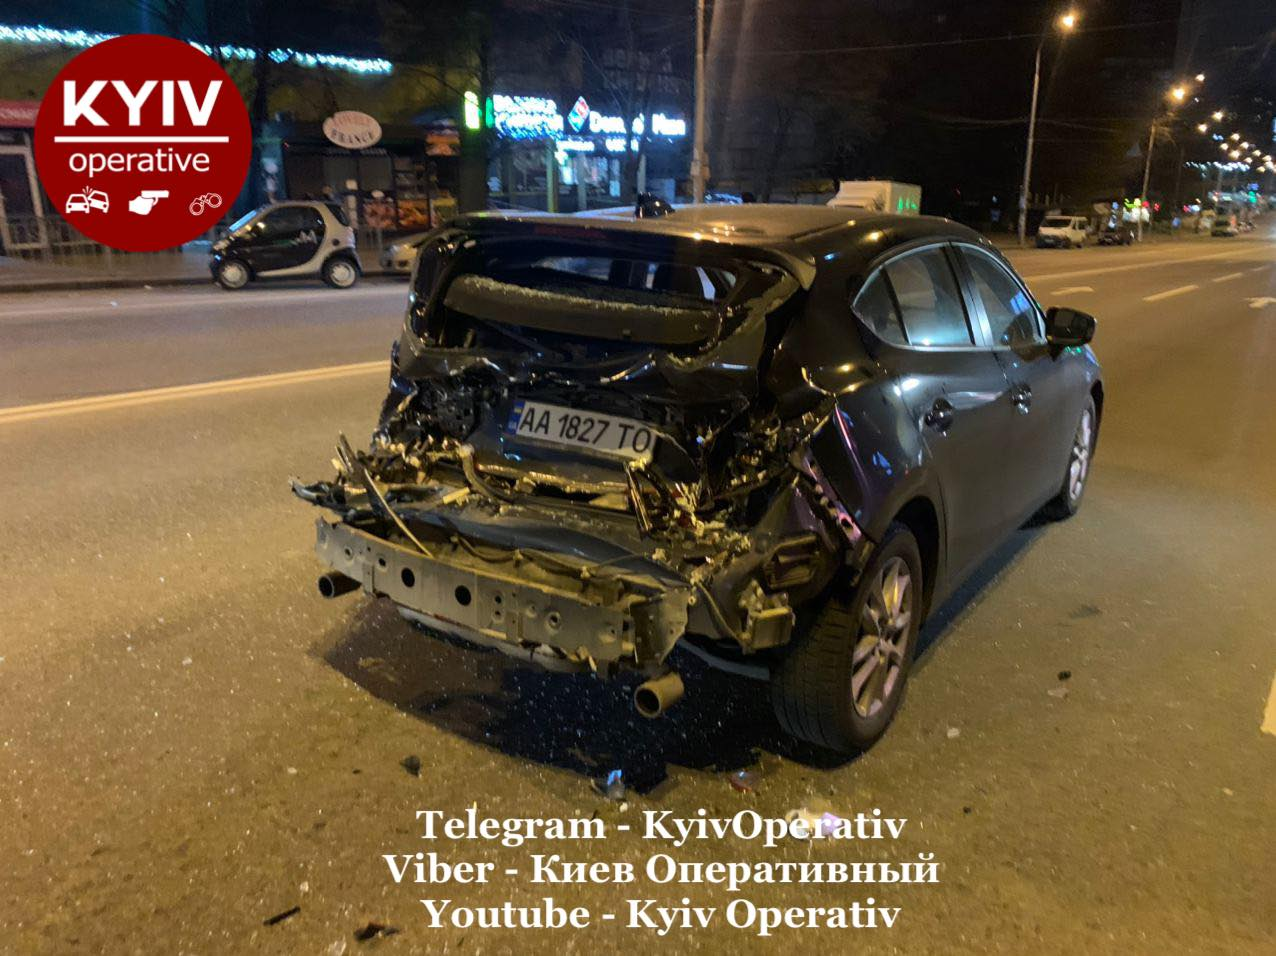 Київ: п'яний водій бетономішалки вчинив ДТП - травмування, п'яний водій, вантажівка, алкогольне сп'яніння - 128703311 1149867442076007 342493348802300443 o